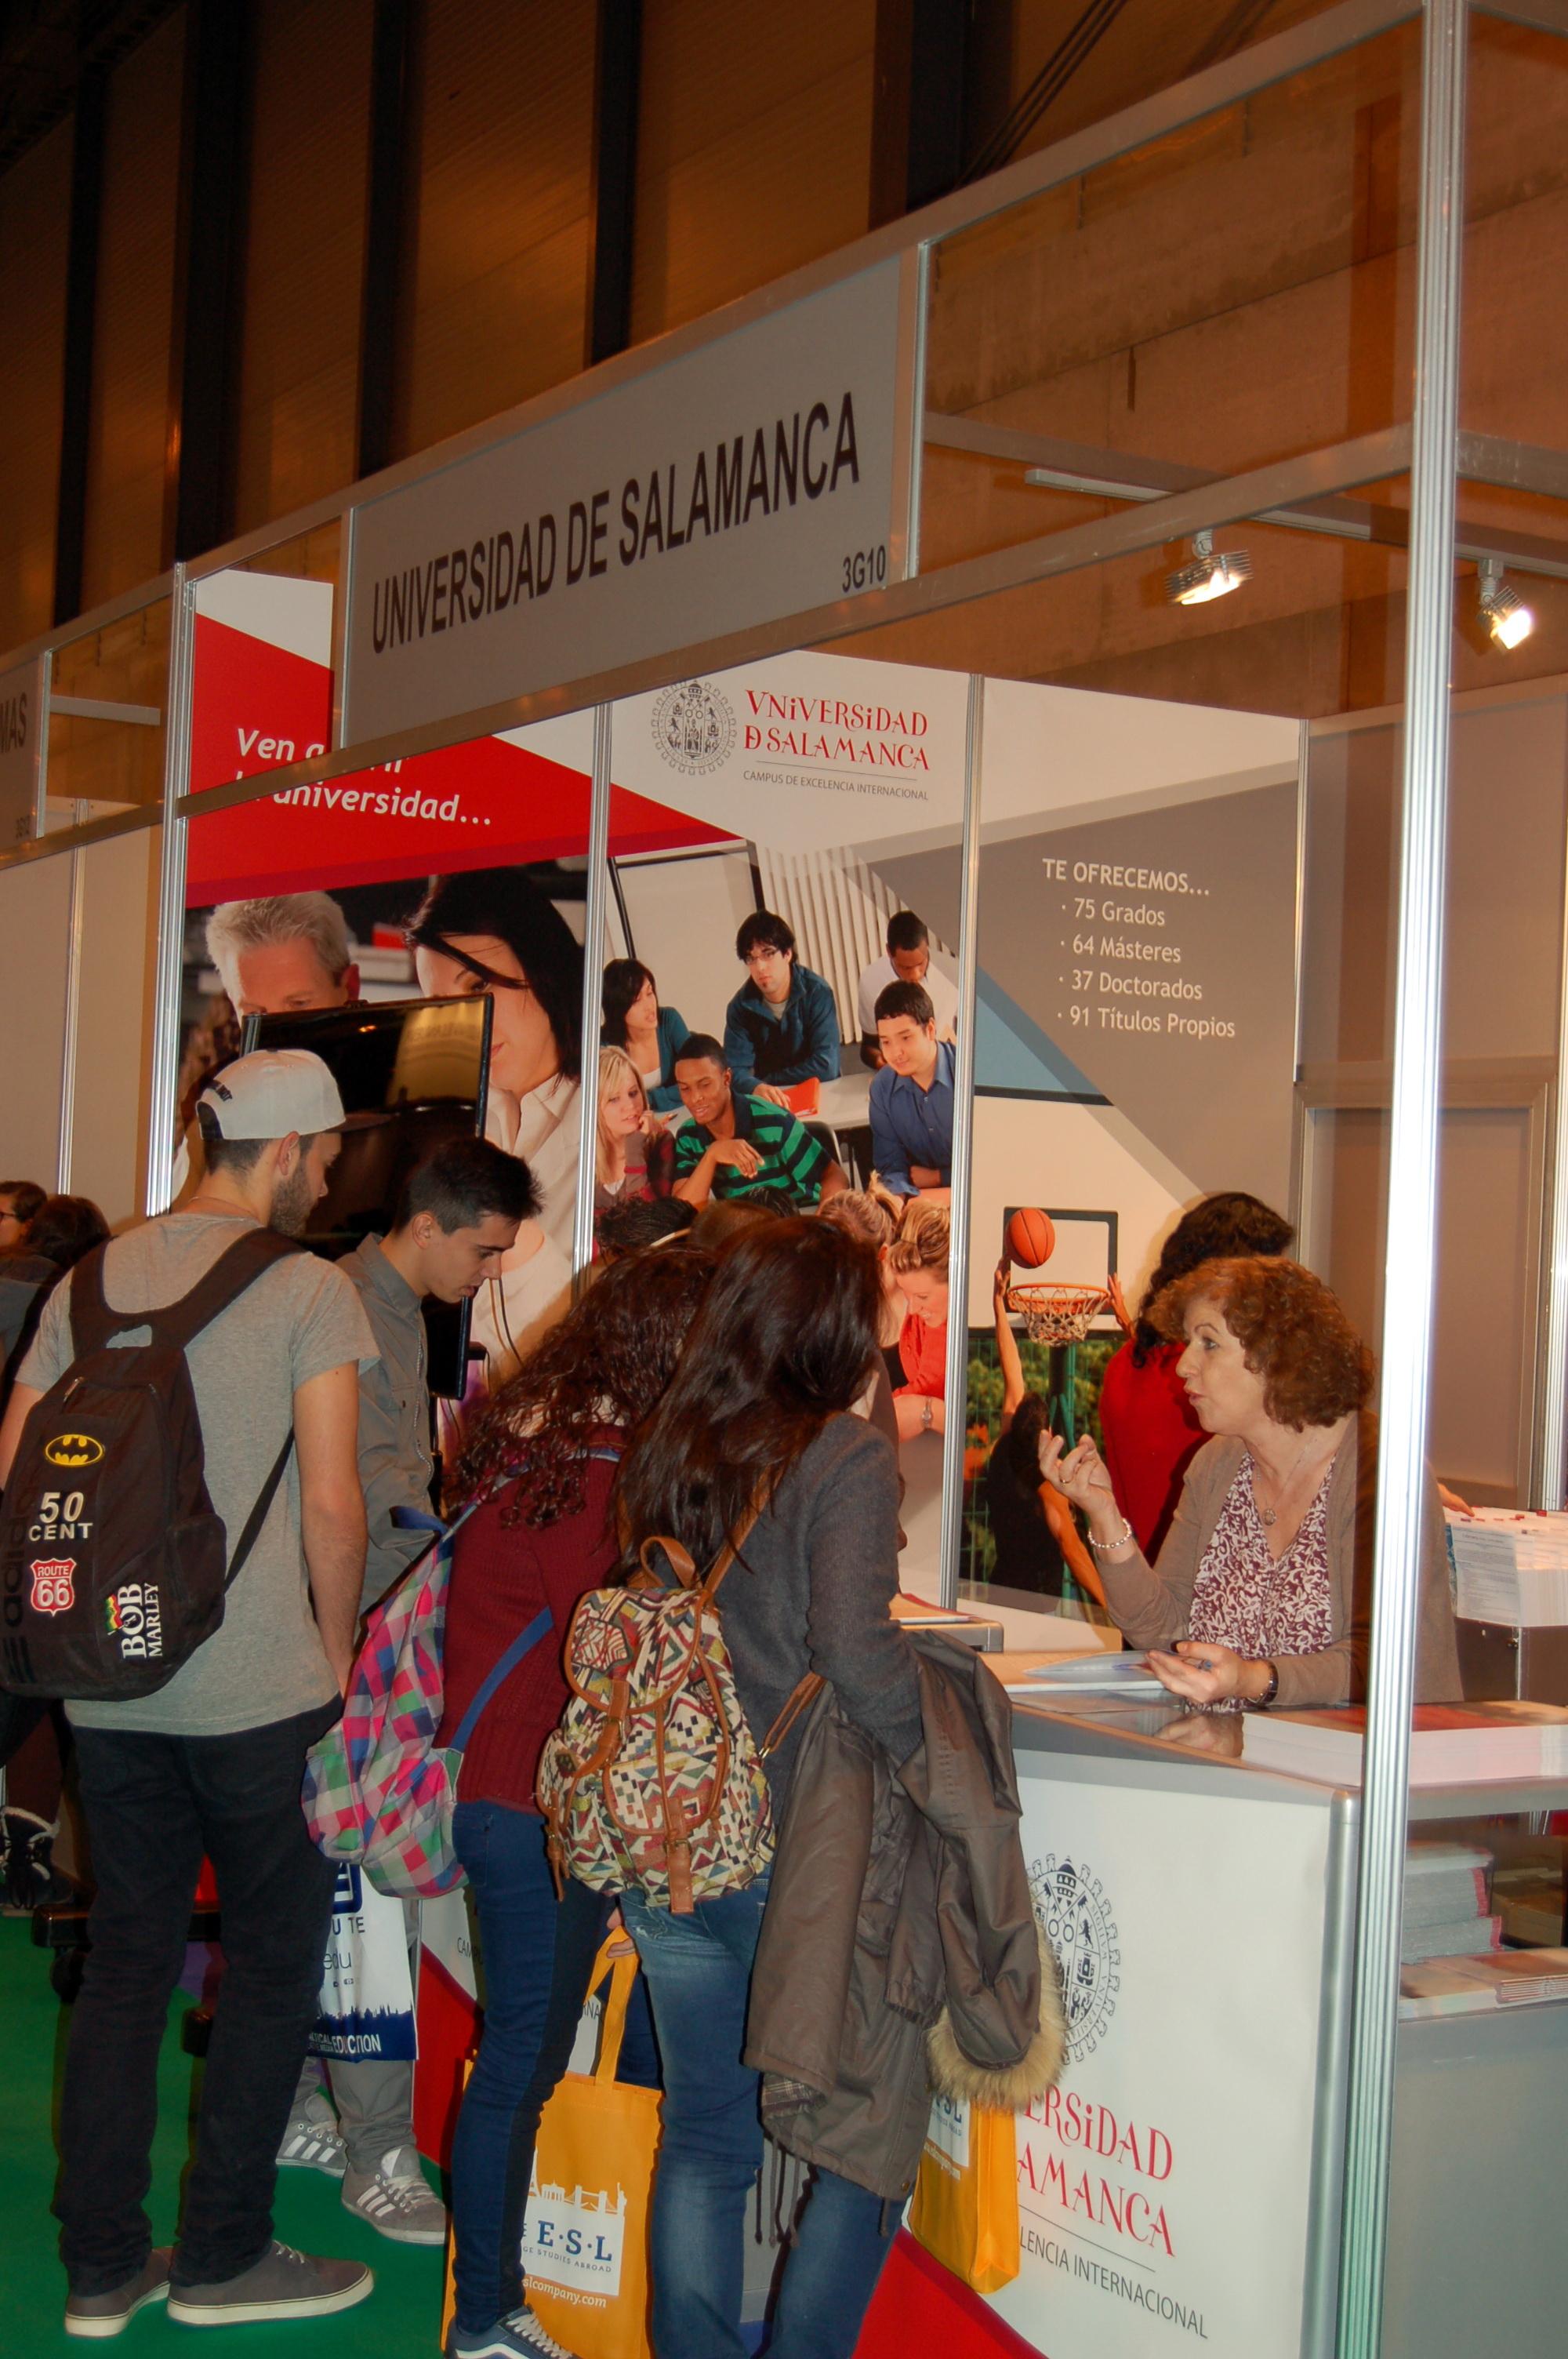 El estand de la Universidad de Salamanca en AULA 2014 recibe la visita de centenares de estudiantes interesados en conocer su oferta académica